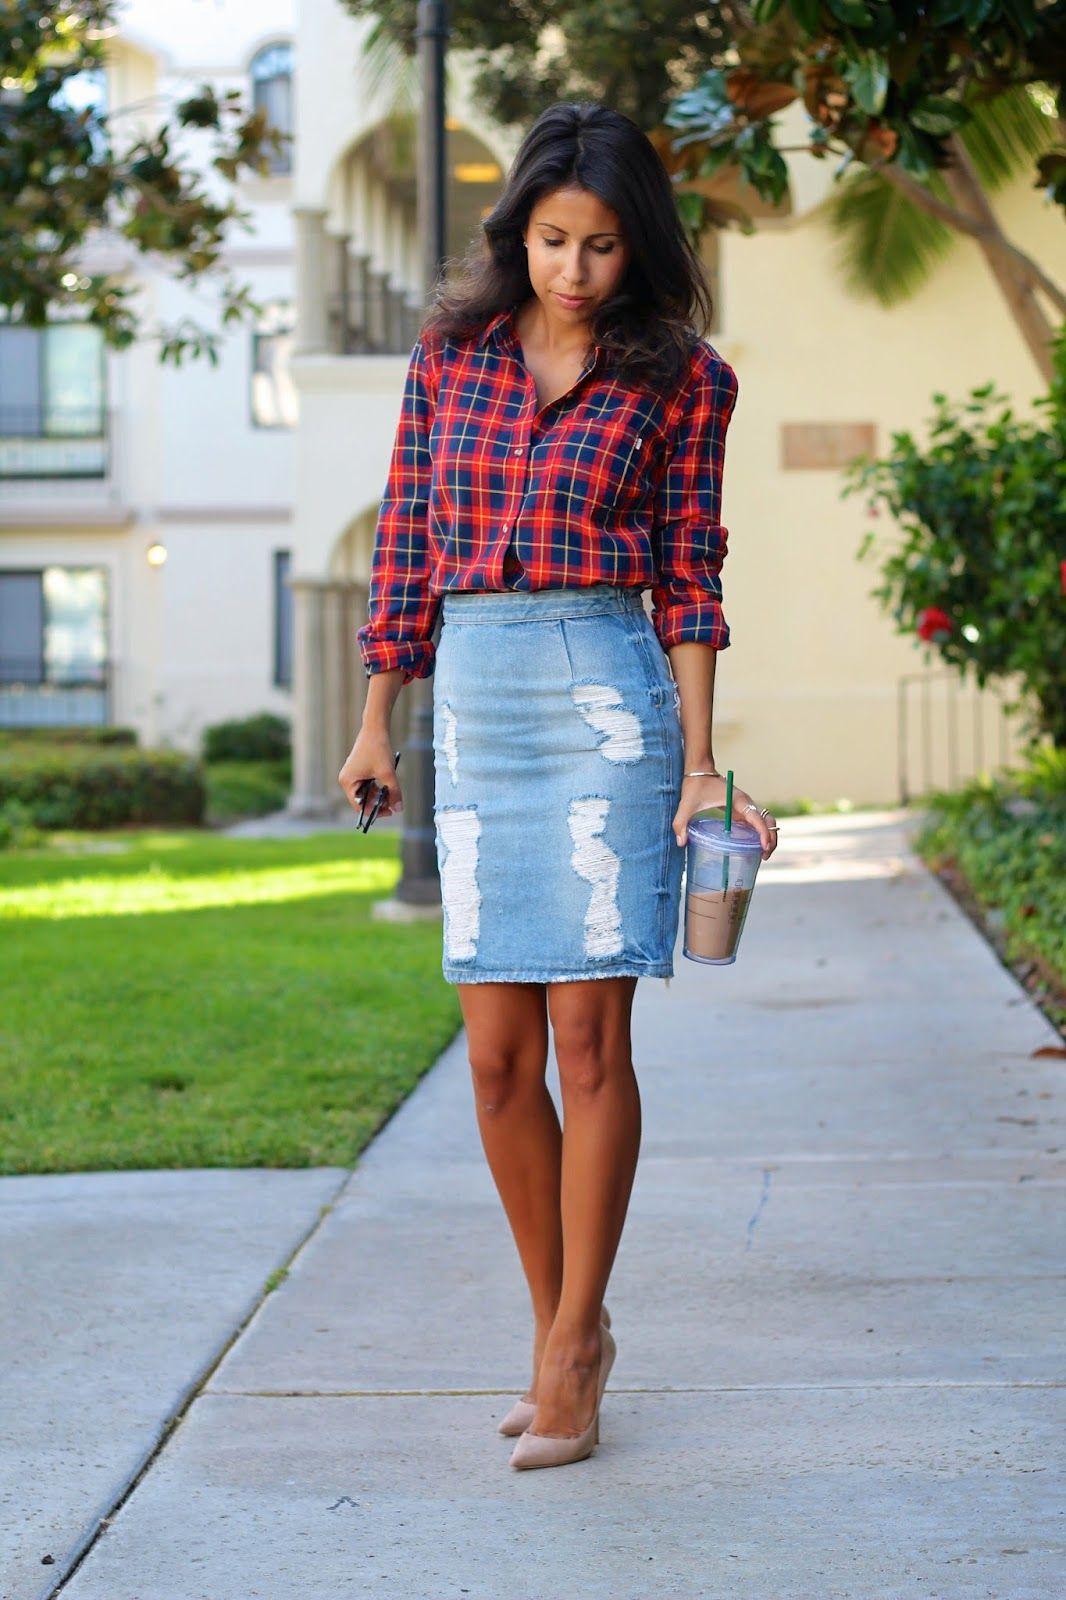 Dress up flannel shirt  cool Модные джинсовые юбки  фото u Трендовые направления